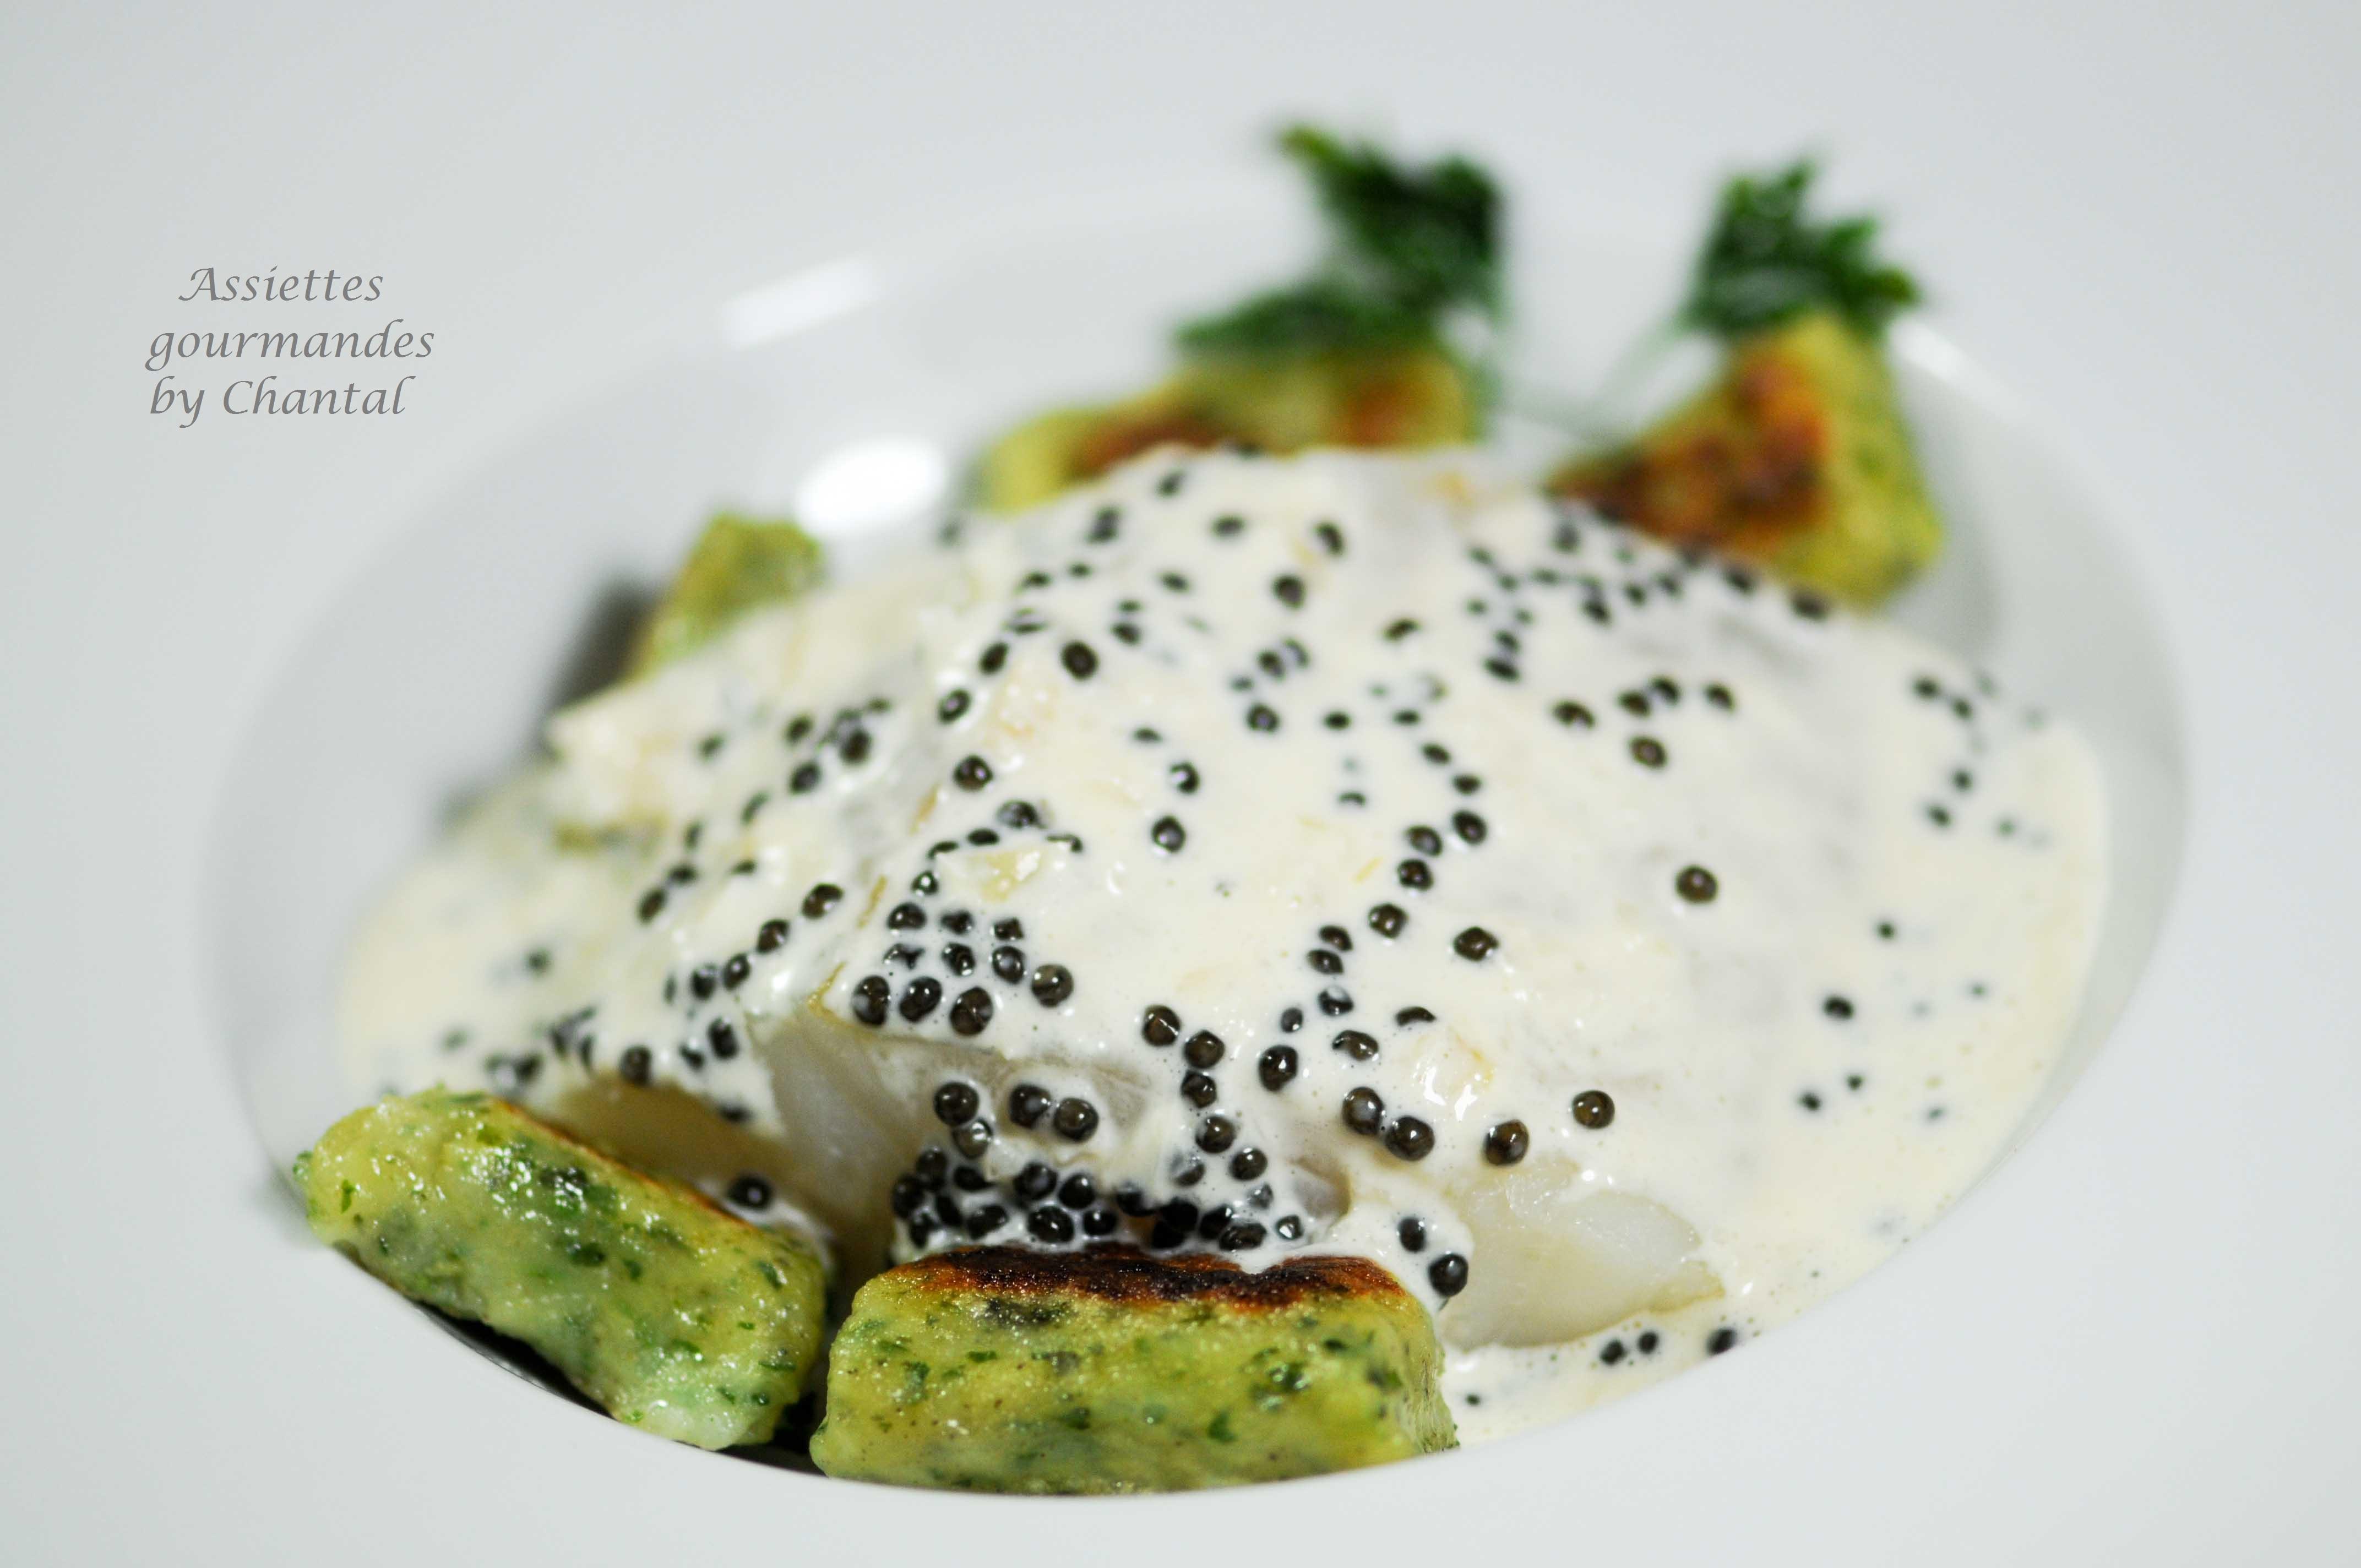 Cabillaud, gnocchi au persil et caviar